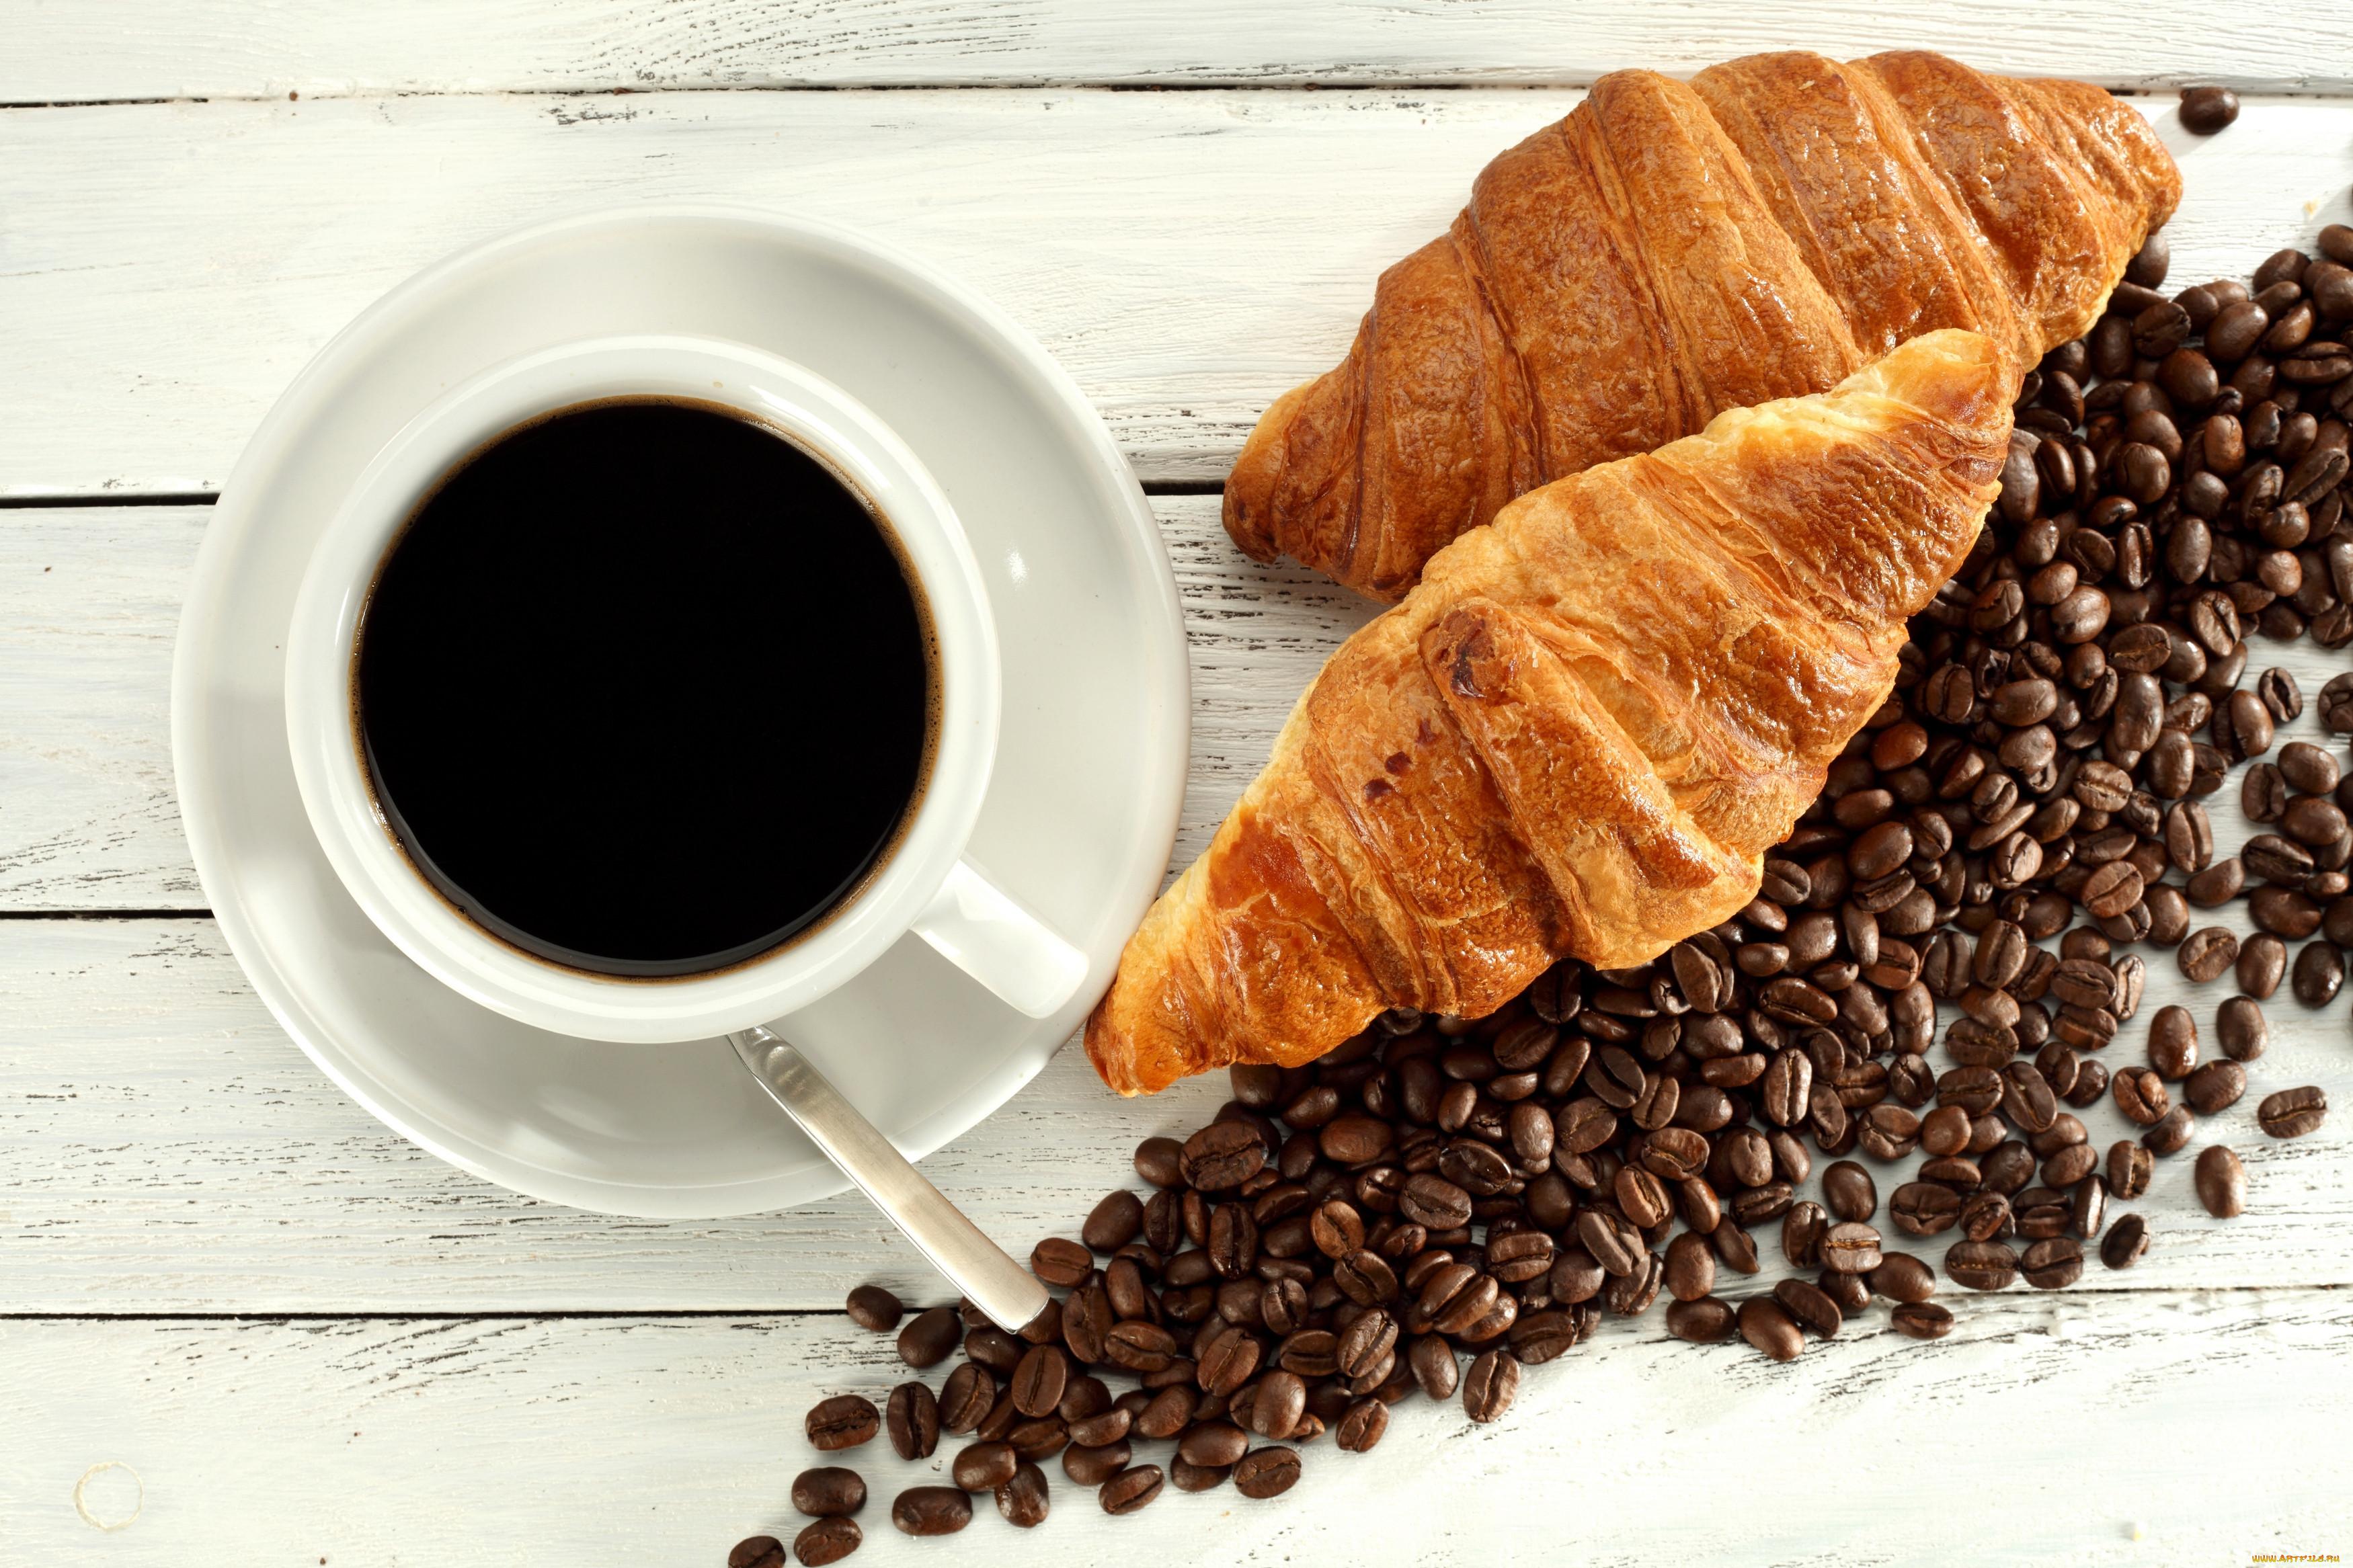 фотографии с кофе большого размера этого нужно